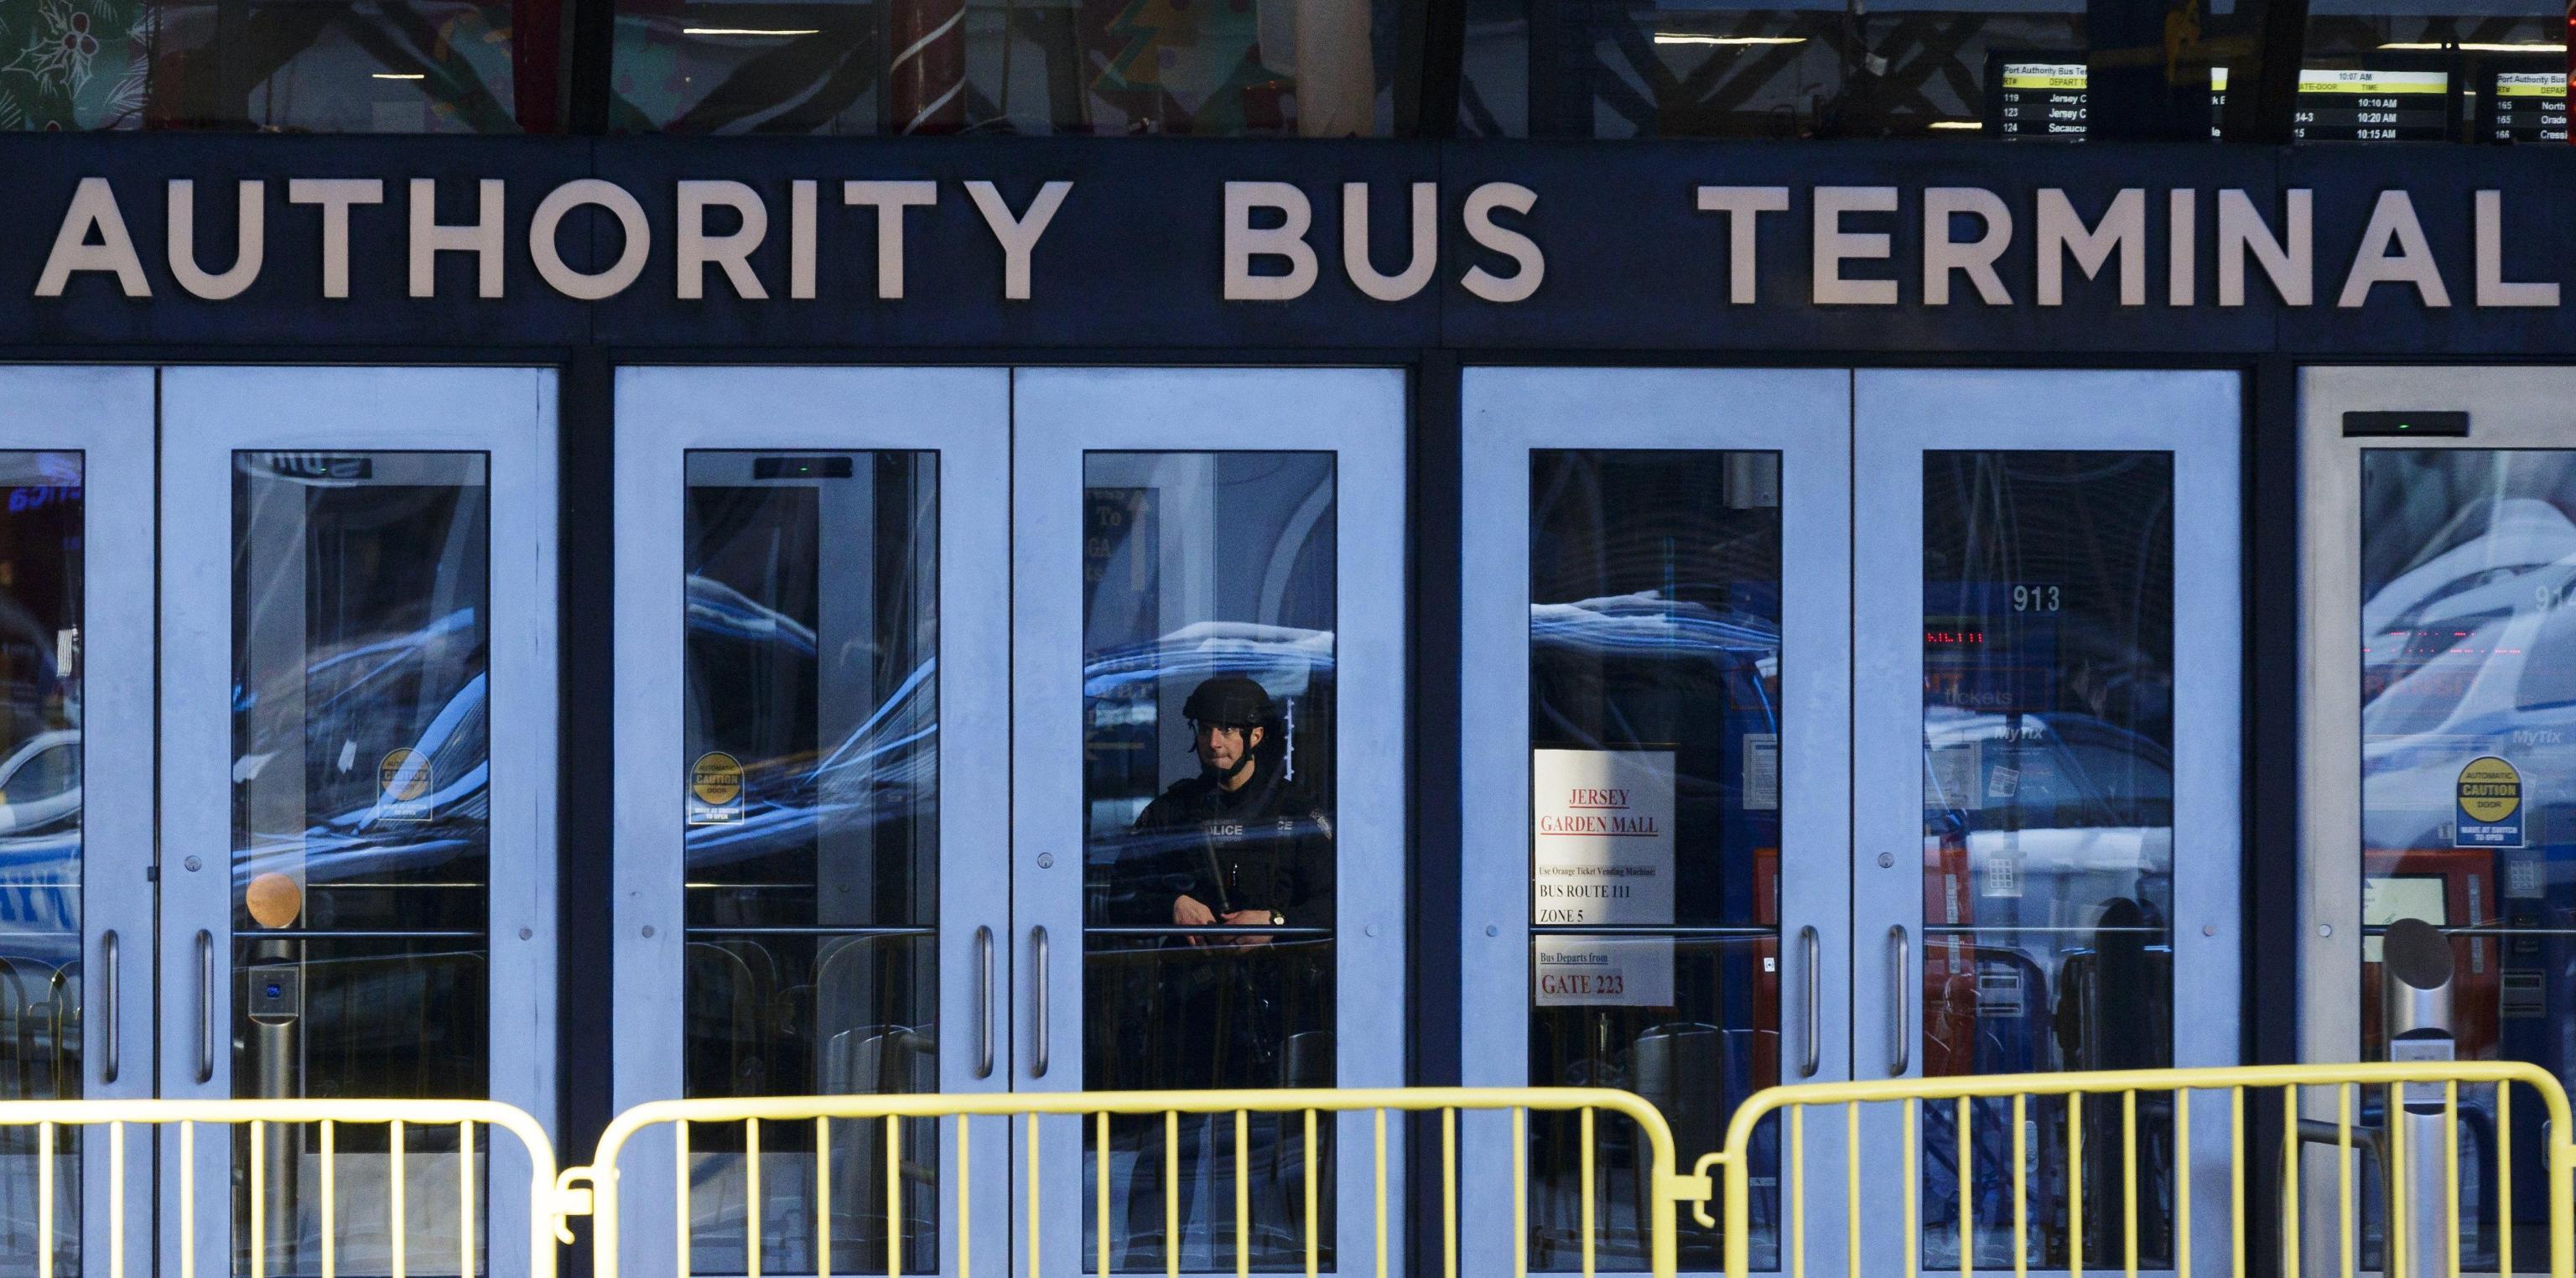 Ny: attentatore incriminato terrorismo